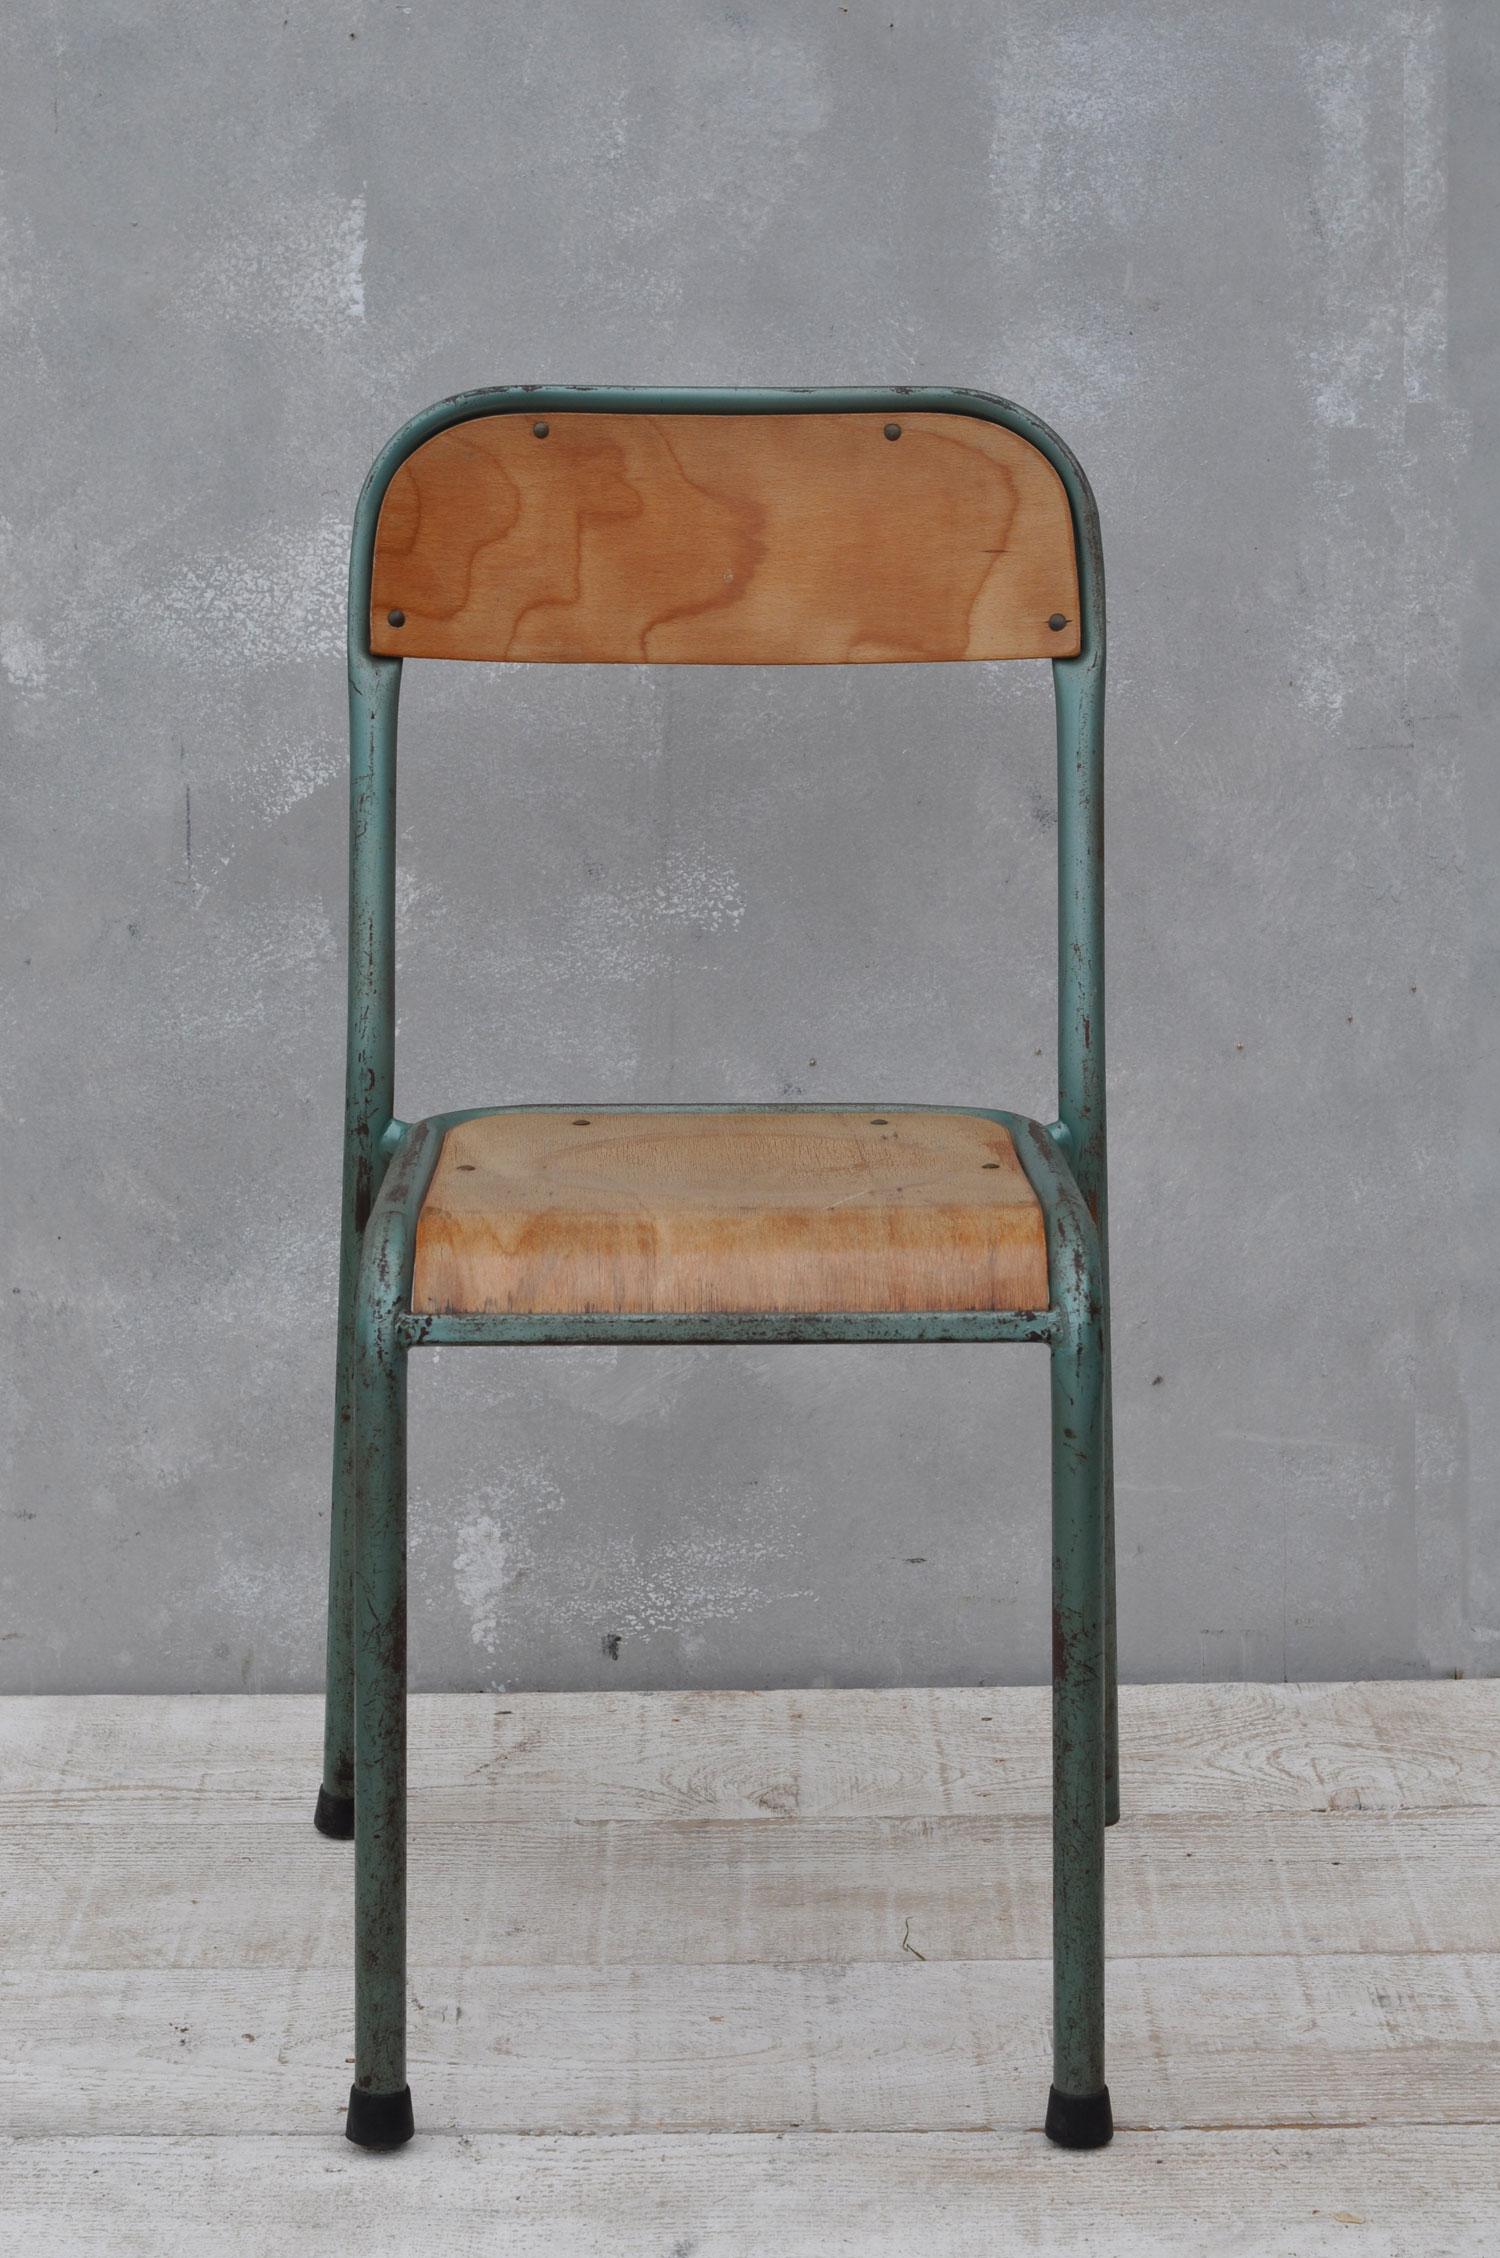 Vintage Industrial Metal Framed Chair Home Barn